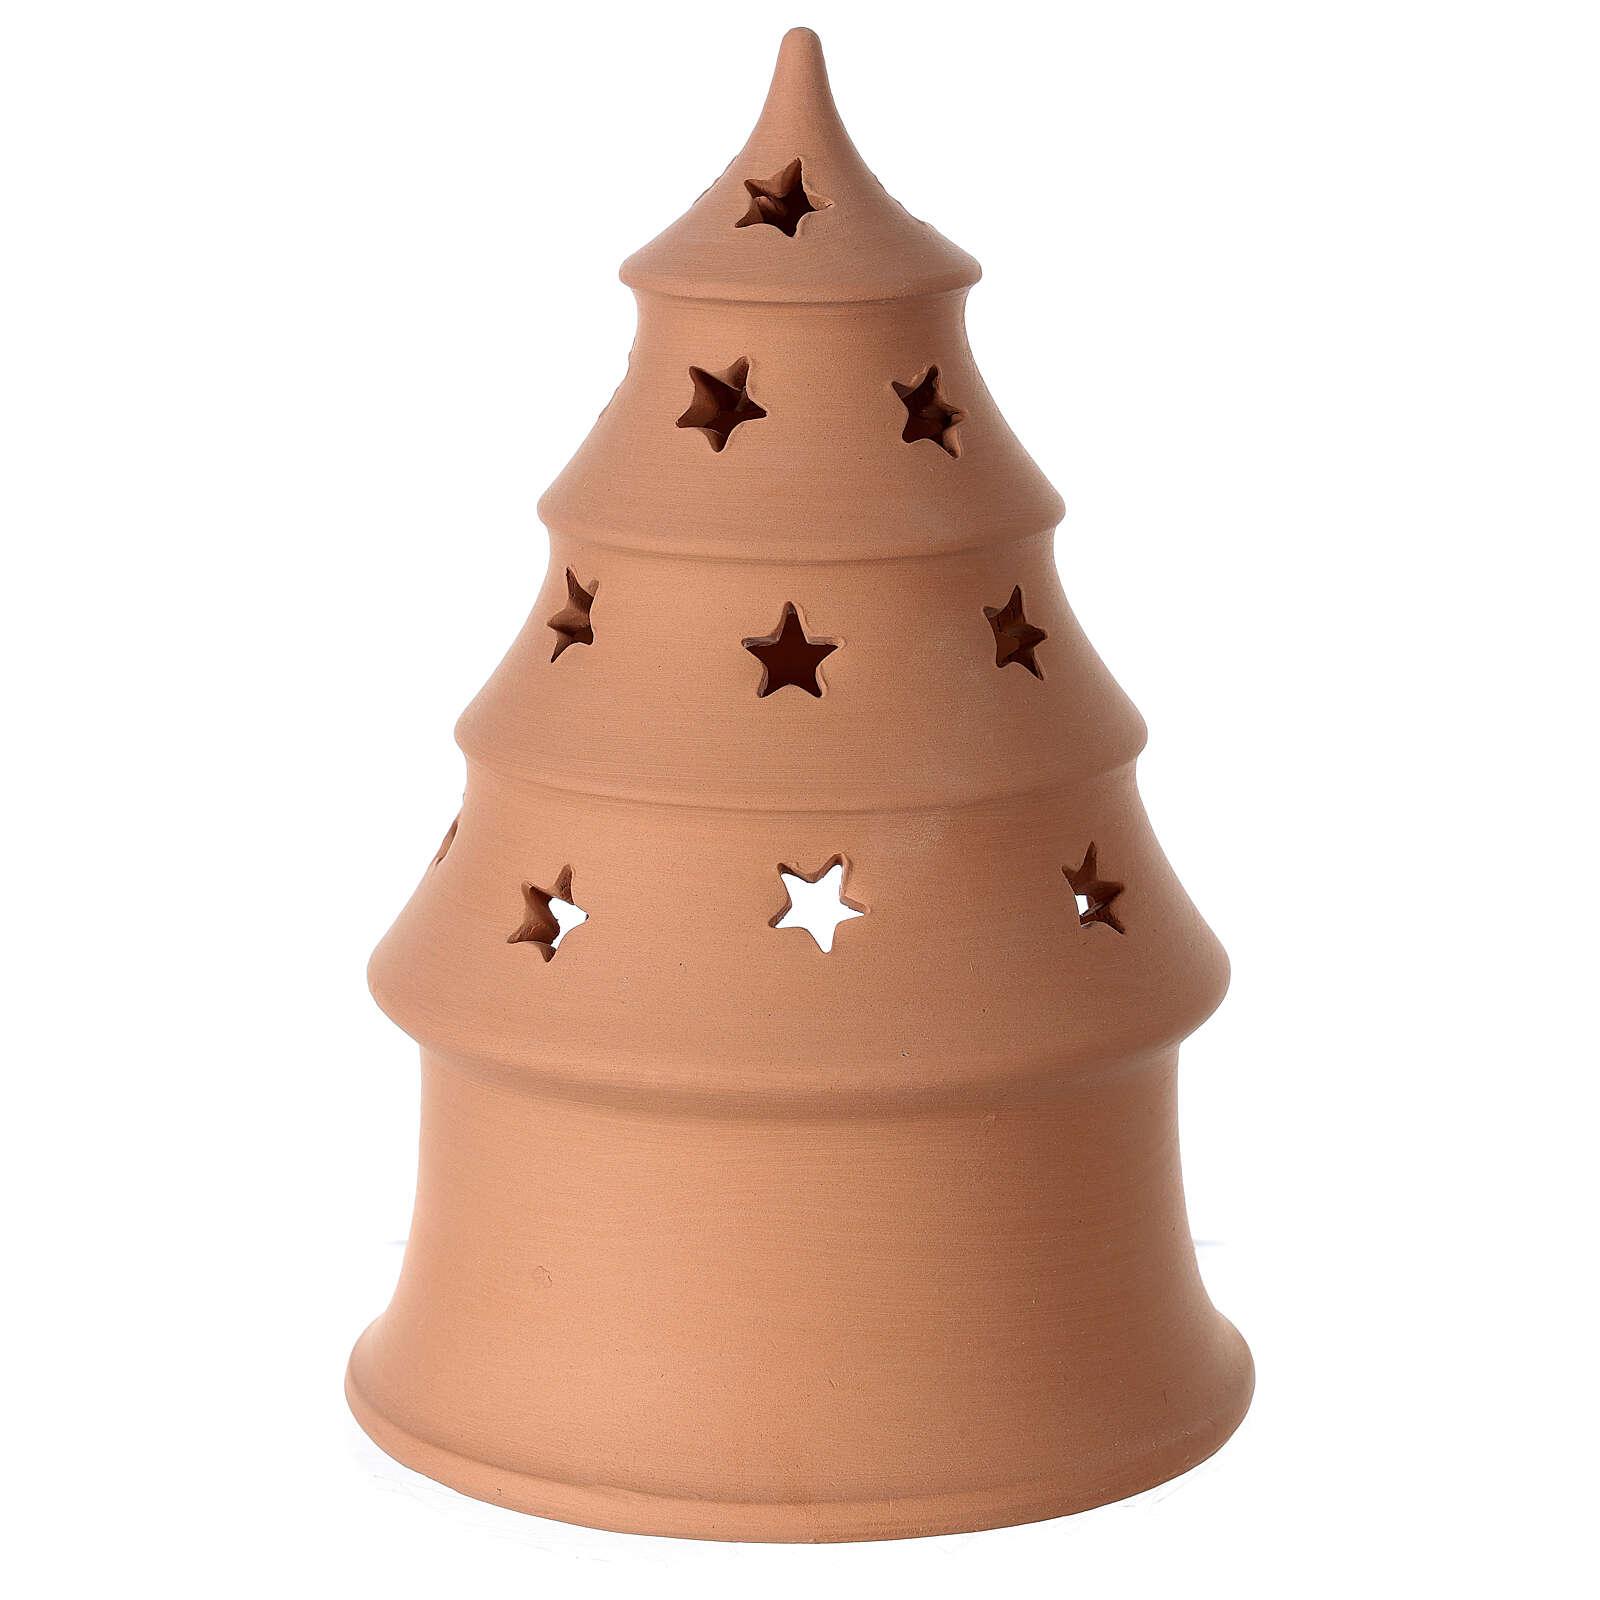 Photophore Nativité sapin terre cuite Deruta santons blancs 20 cm 4